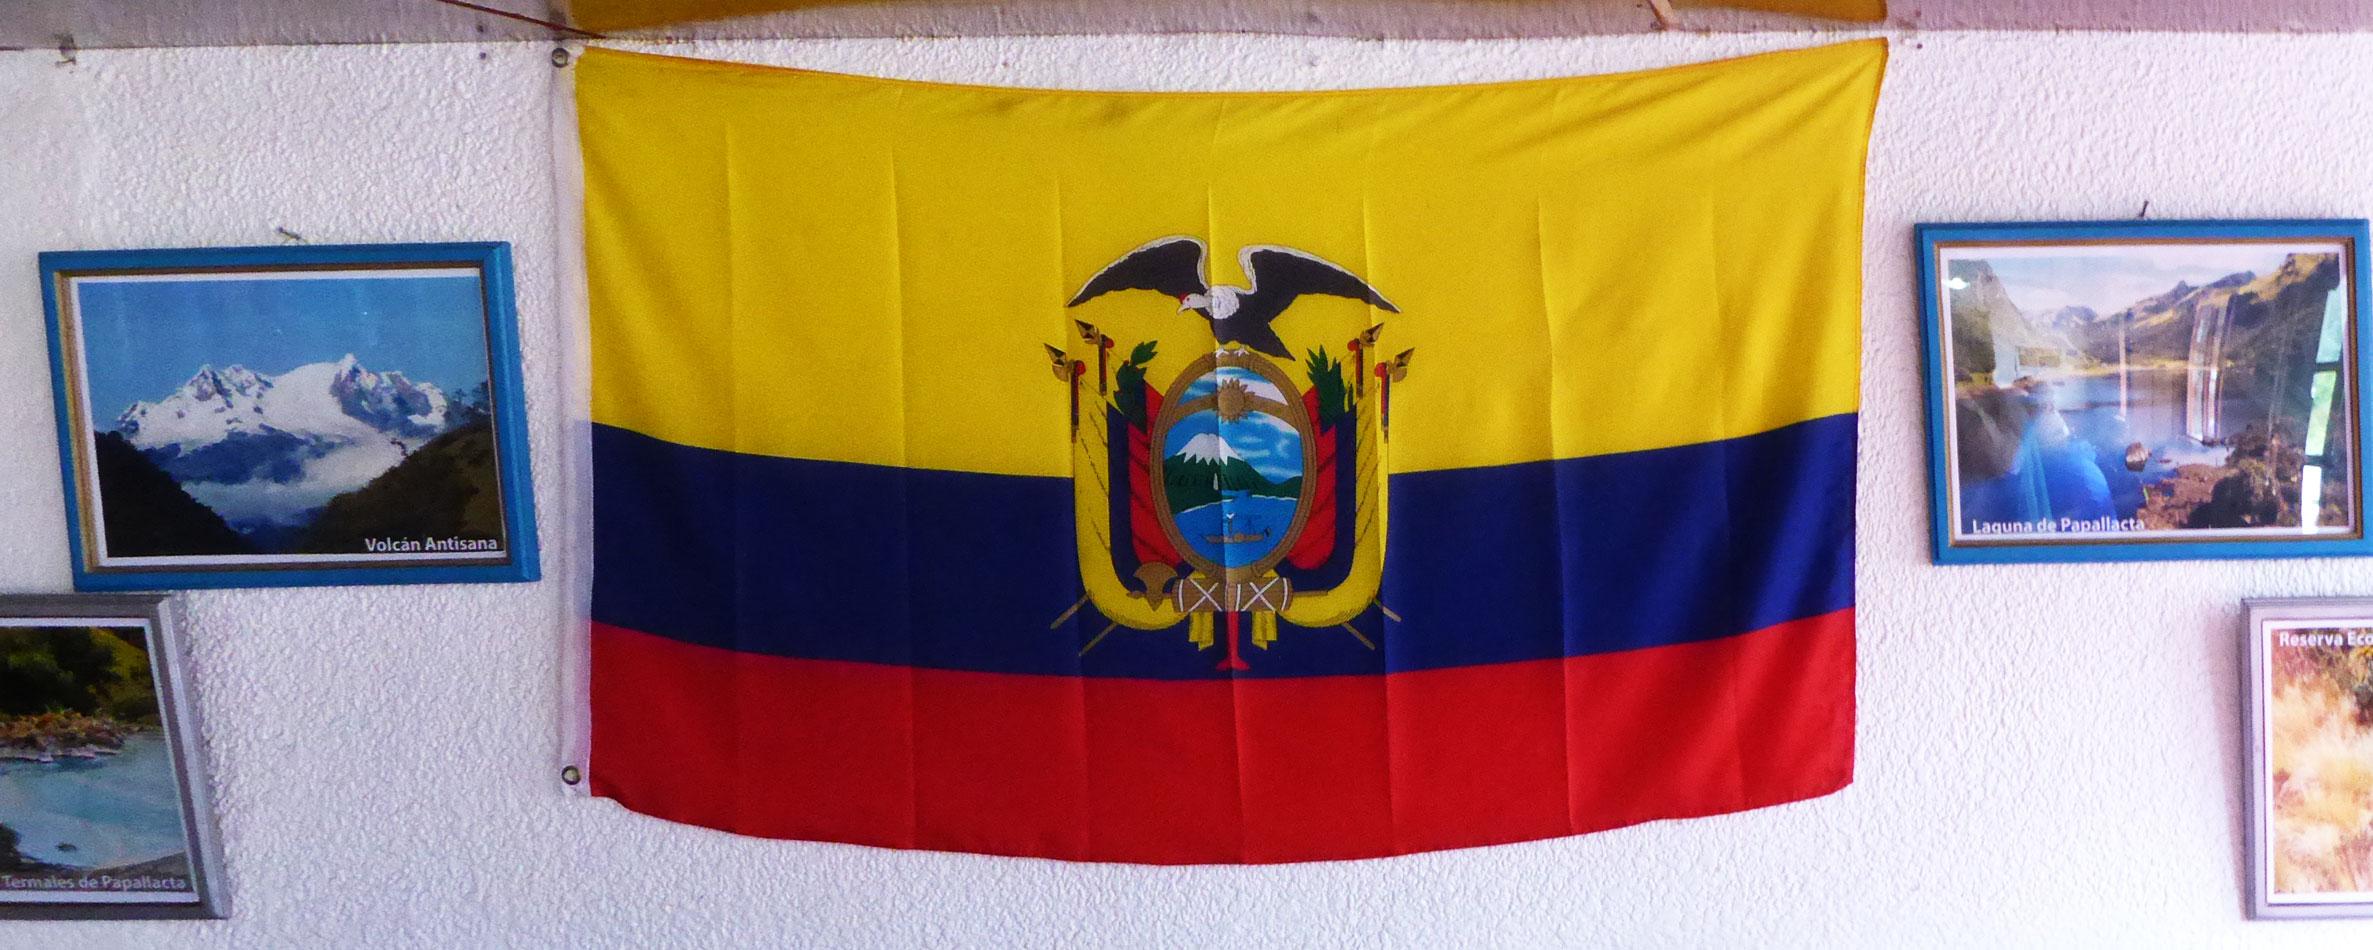 The flag of Ecuador